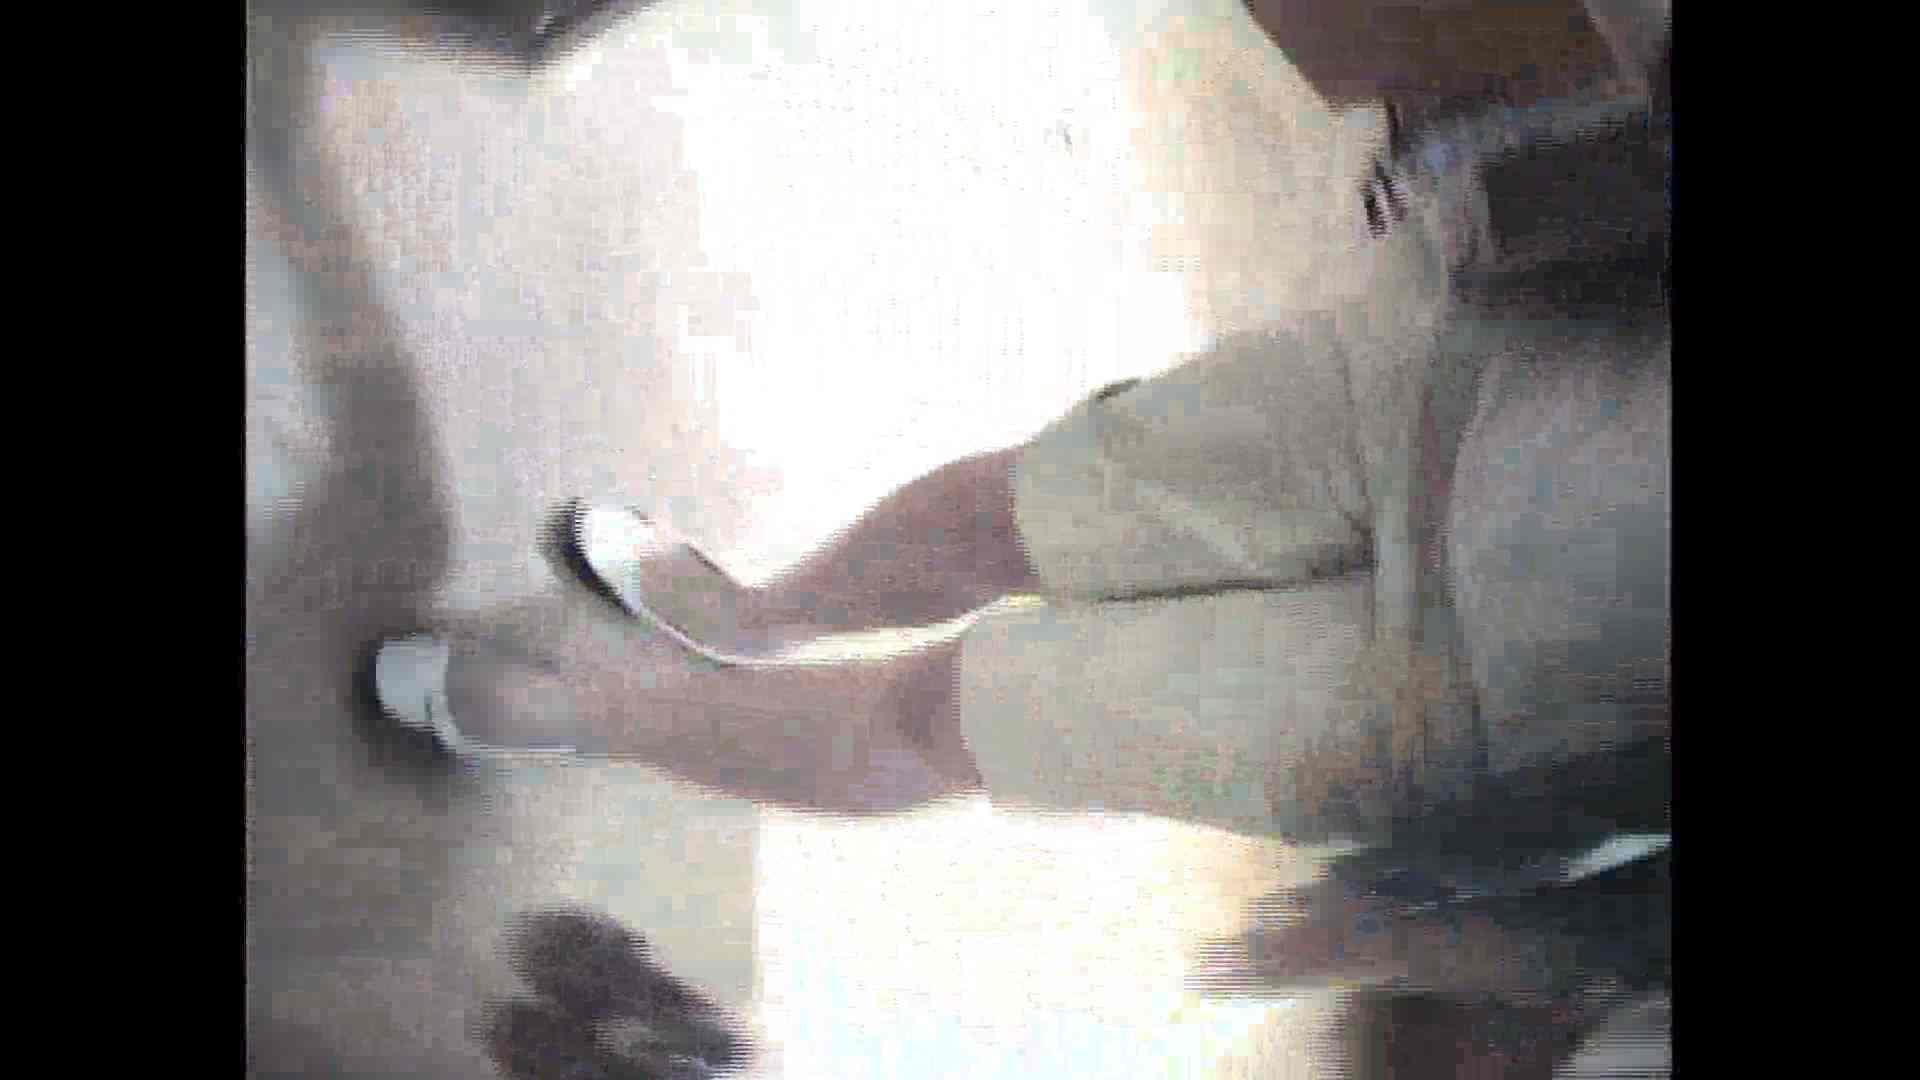 働く美女の谷間参拝 Vol.20 おっぱい特集 おまんこ無修正動画無料 82pic 23